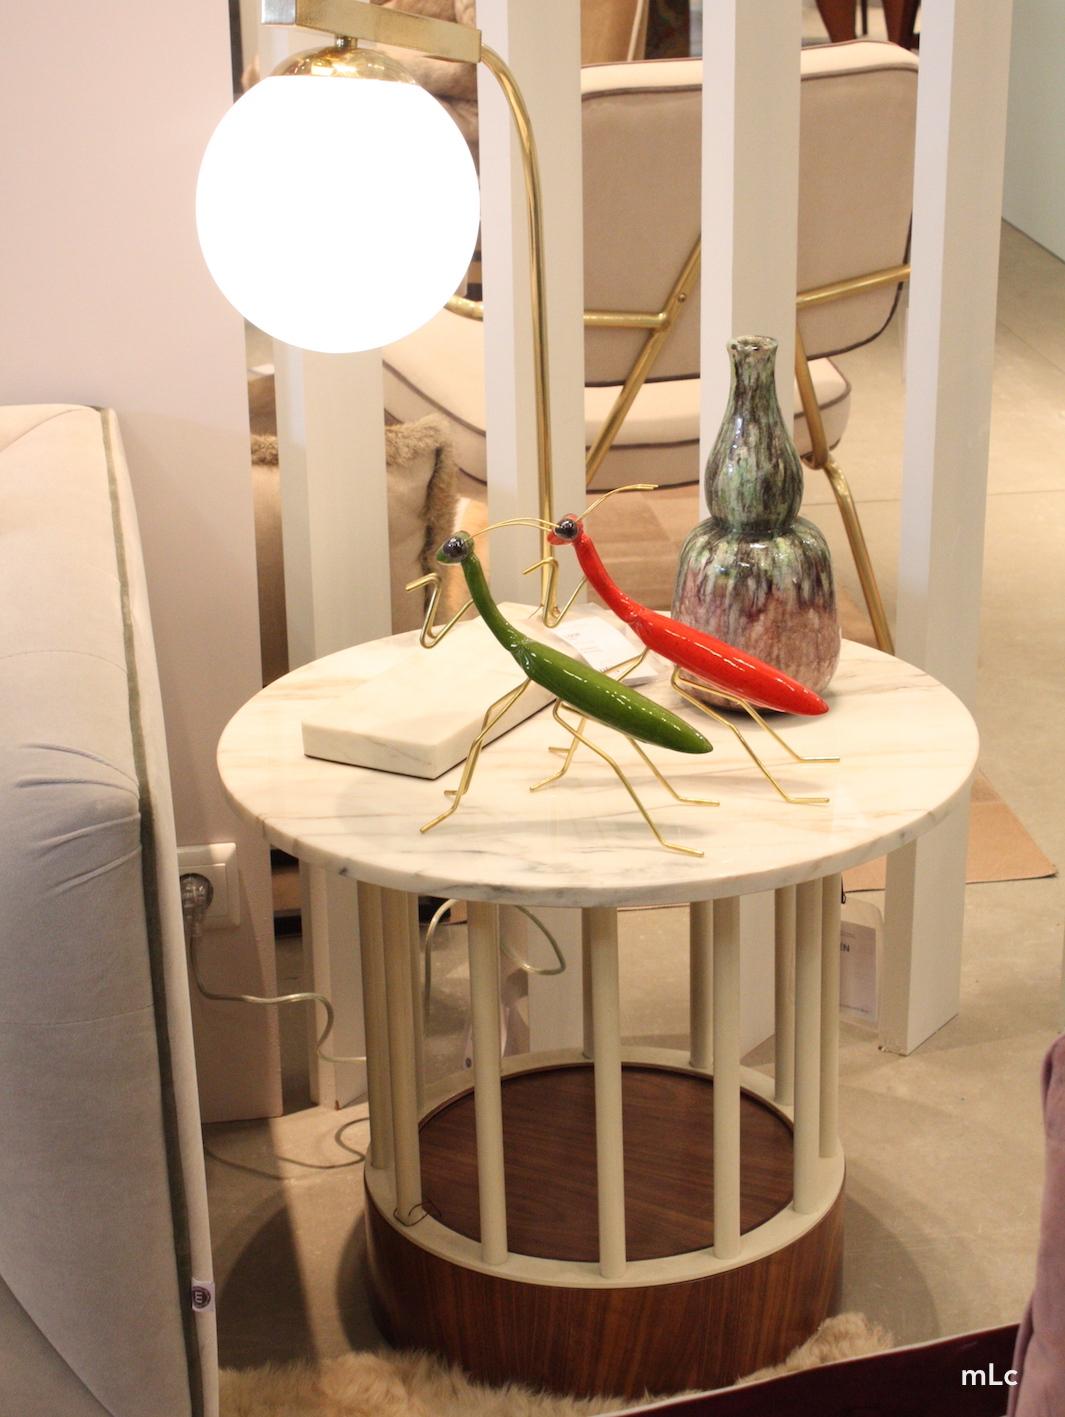 Ronde Neo Table Marbre Art Deco Design Basse De Le Blog Déco Mlc vmNw8yn0O